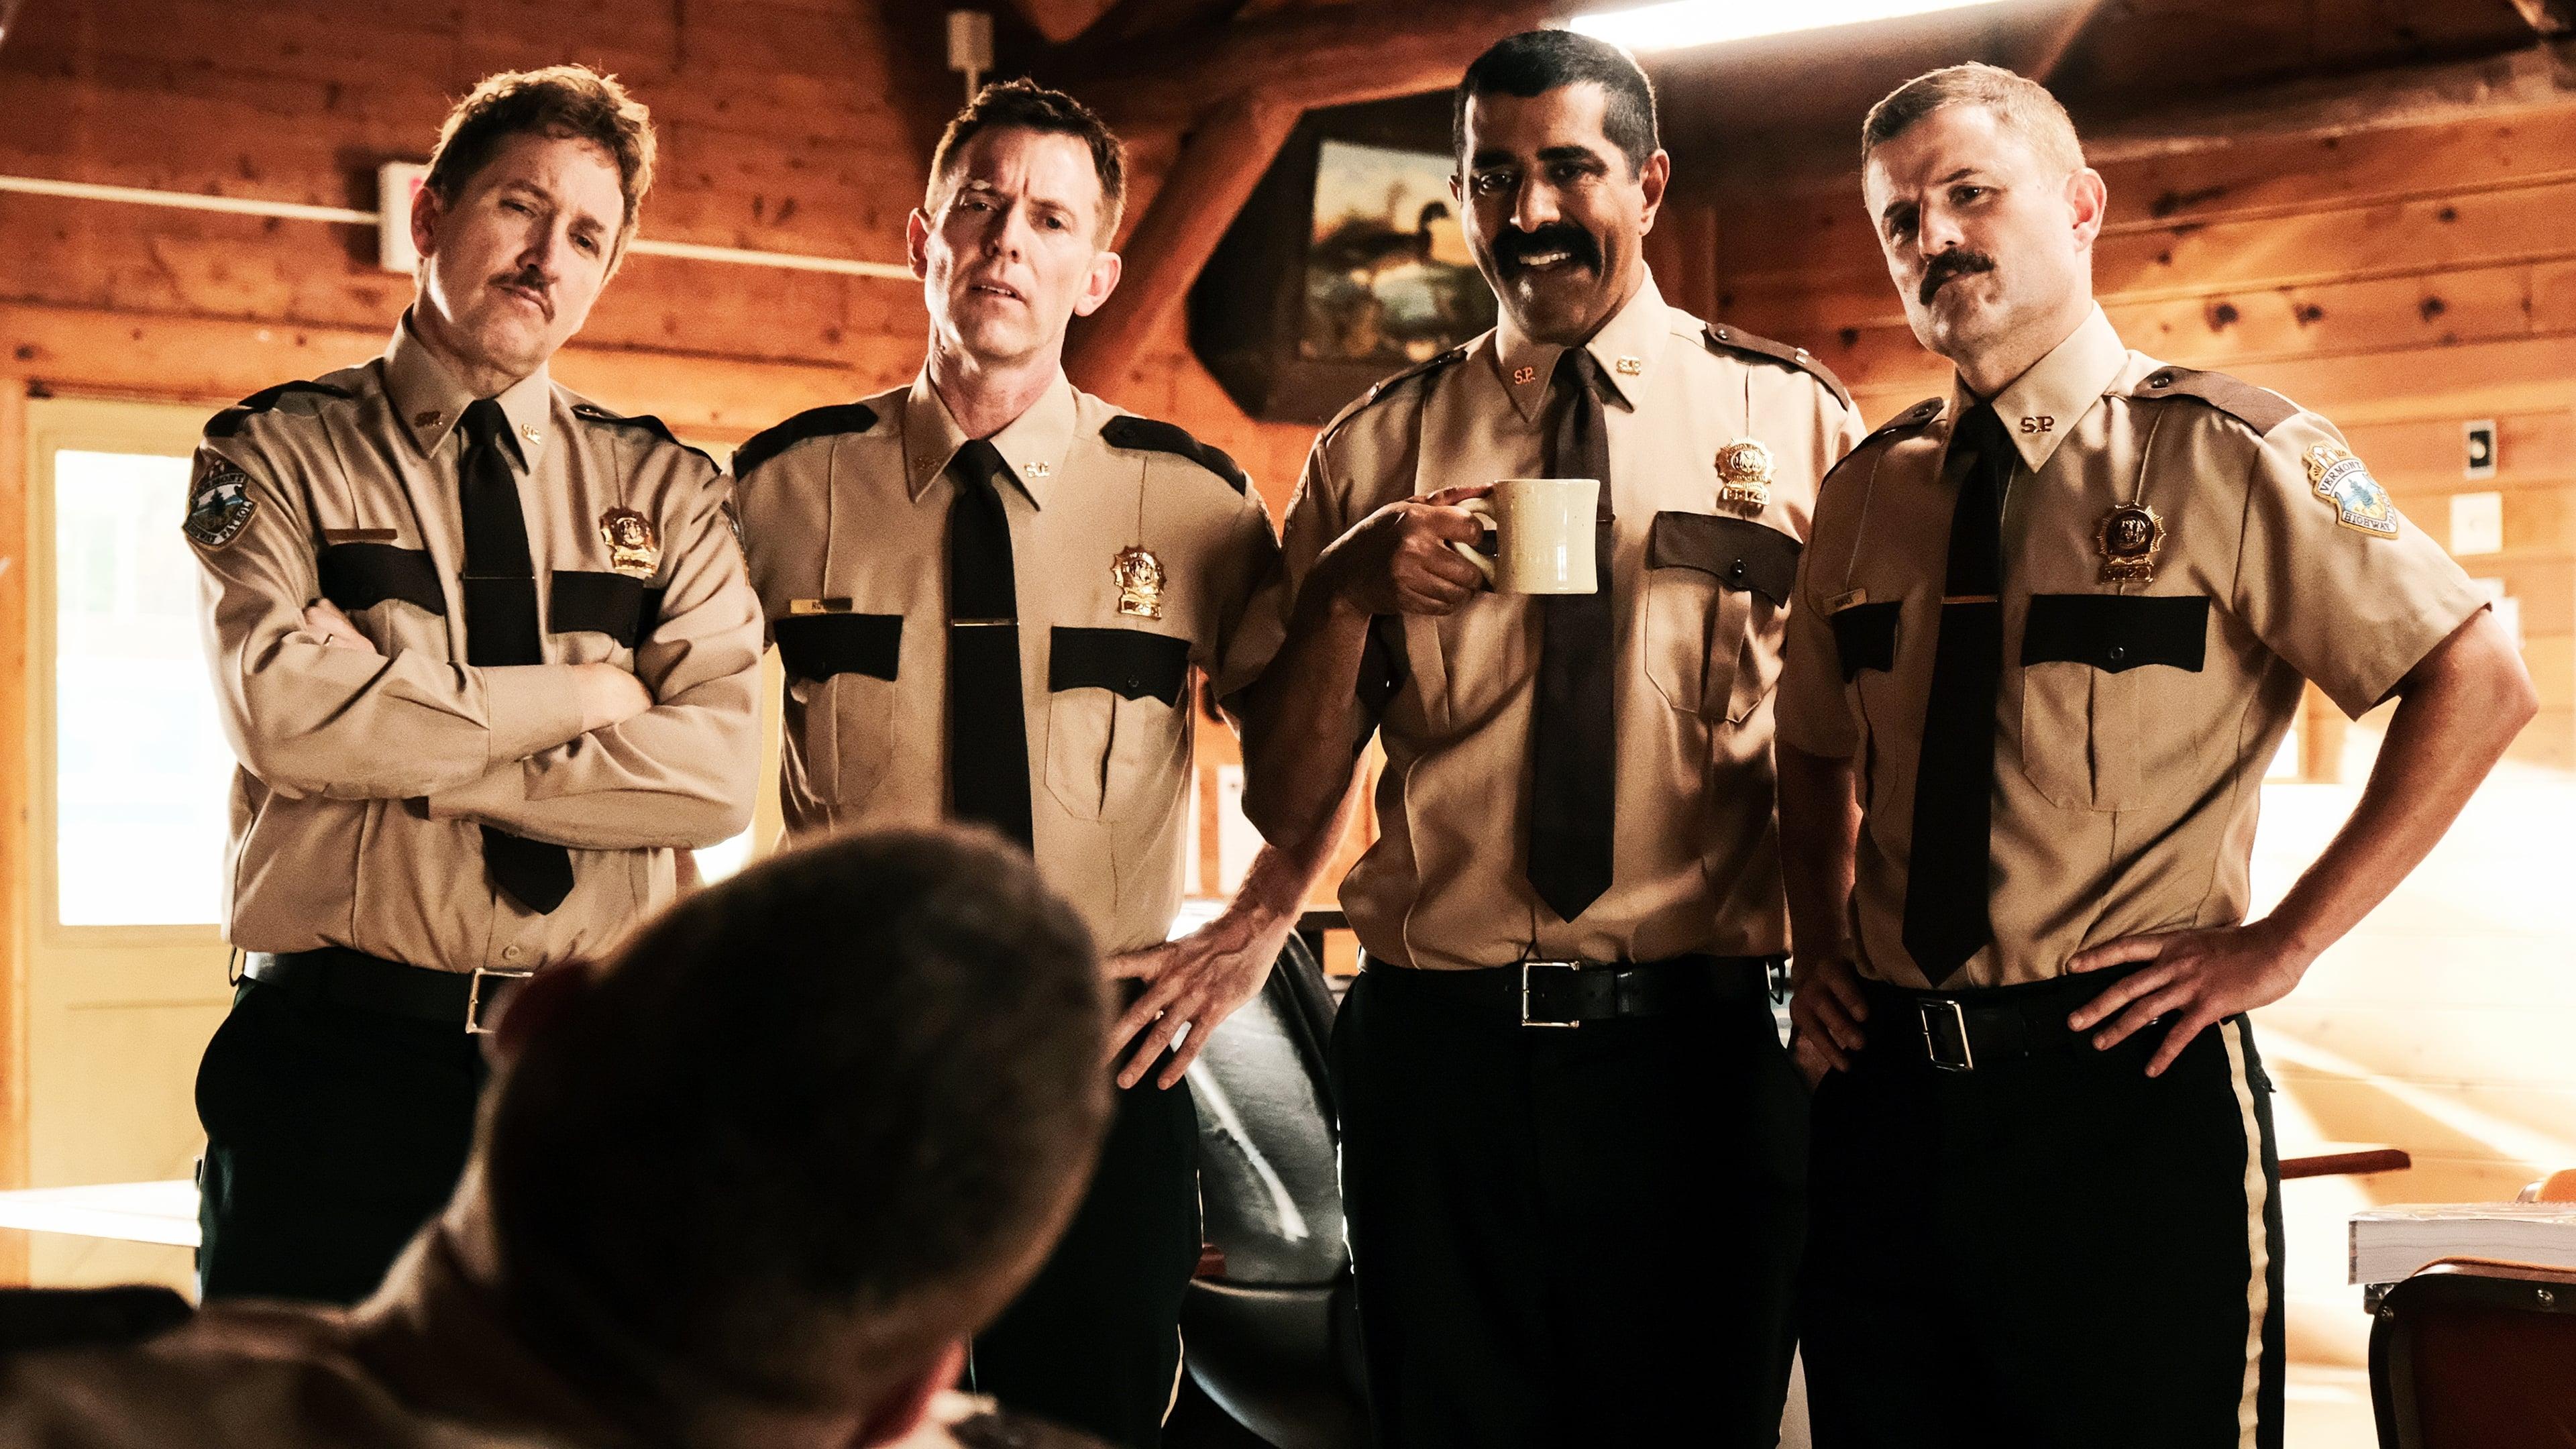 Šauniausi policininkai 2